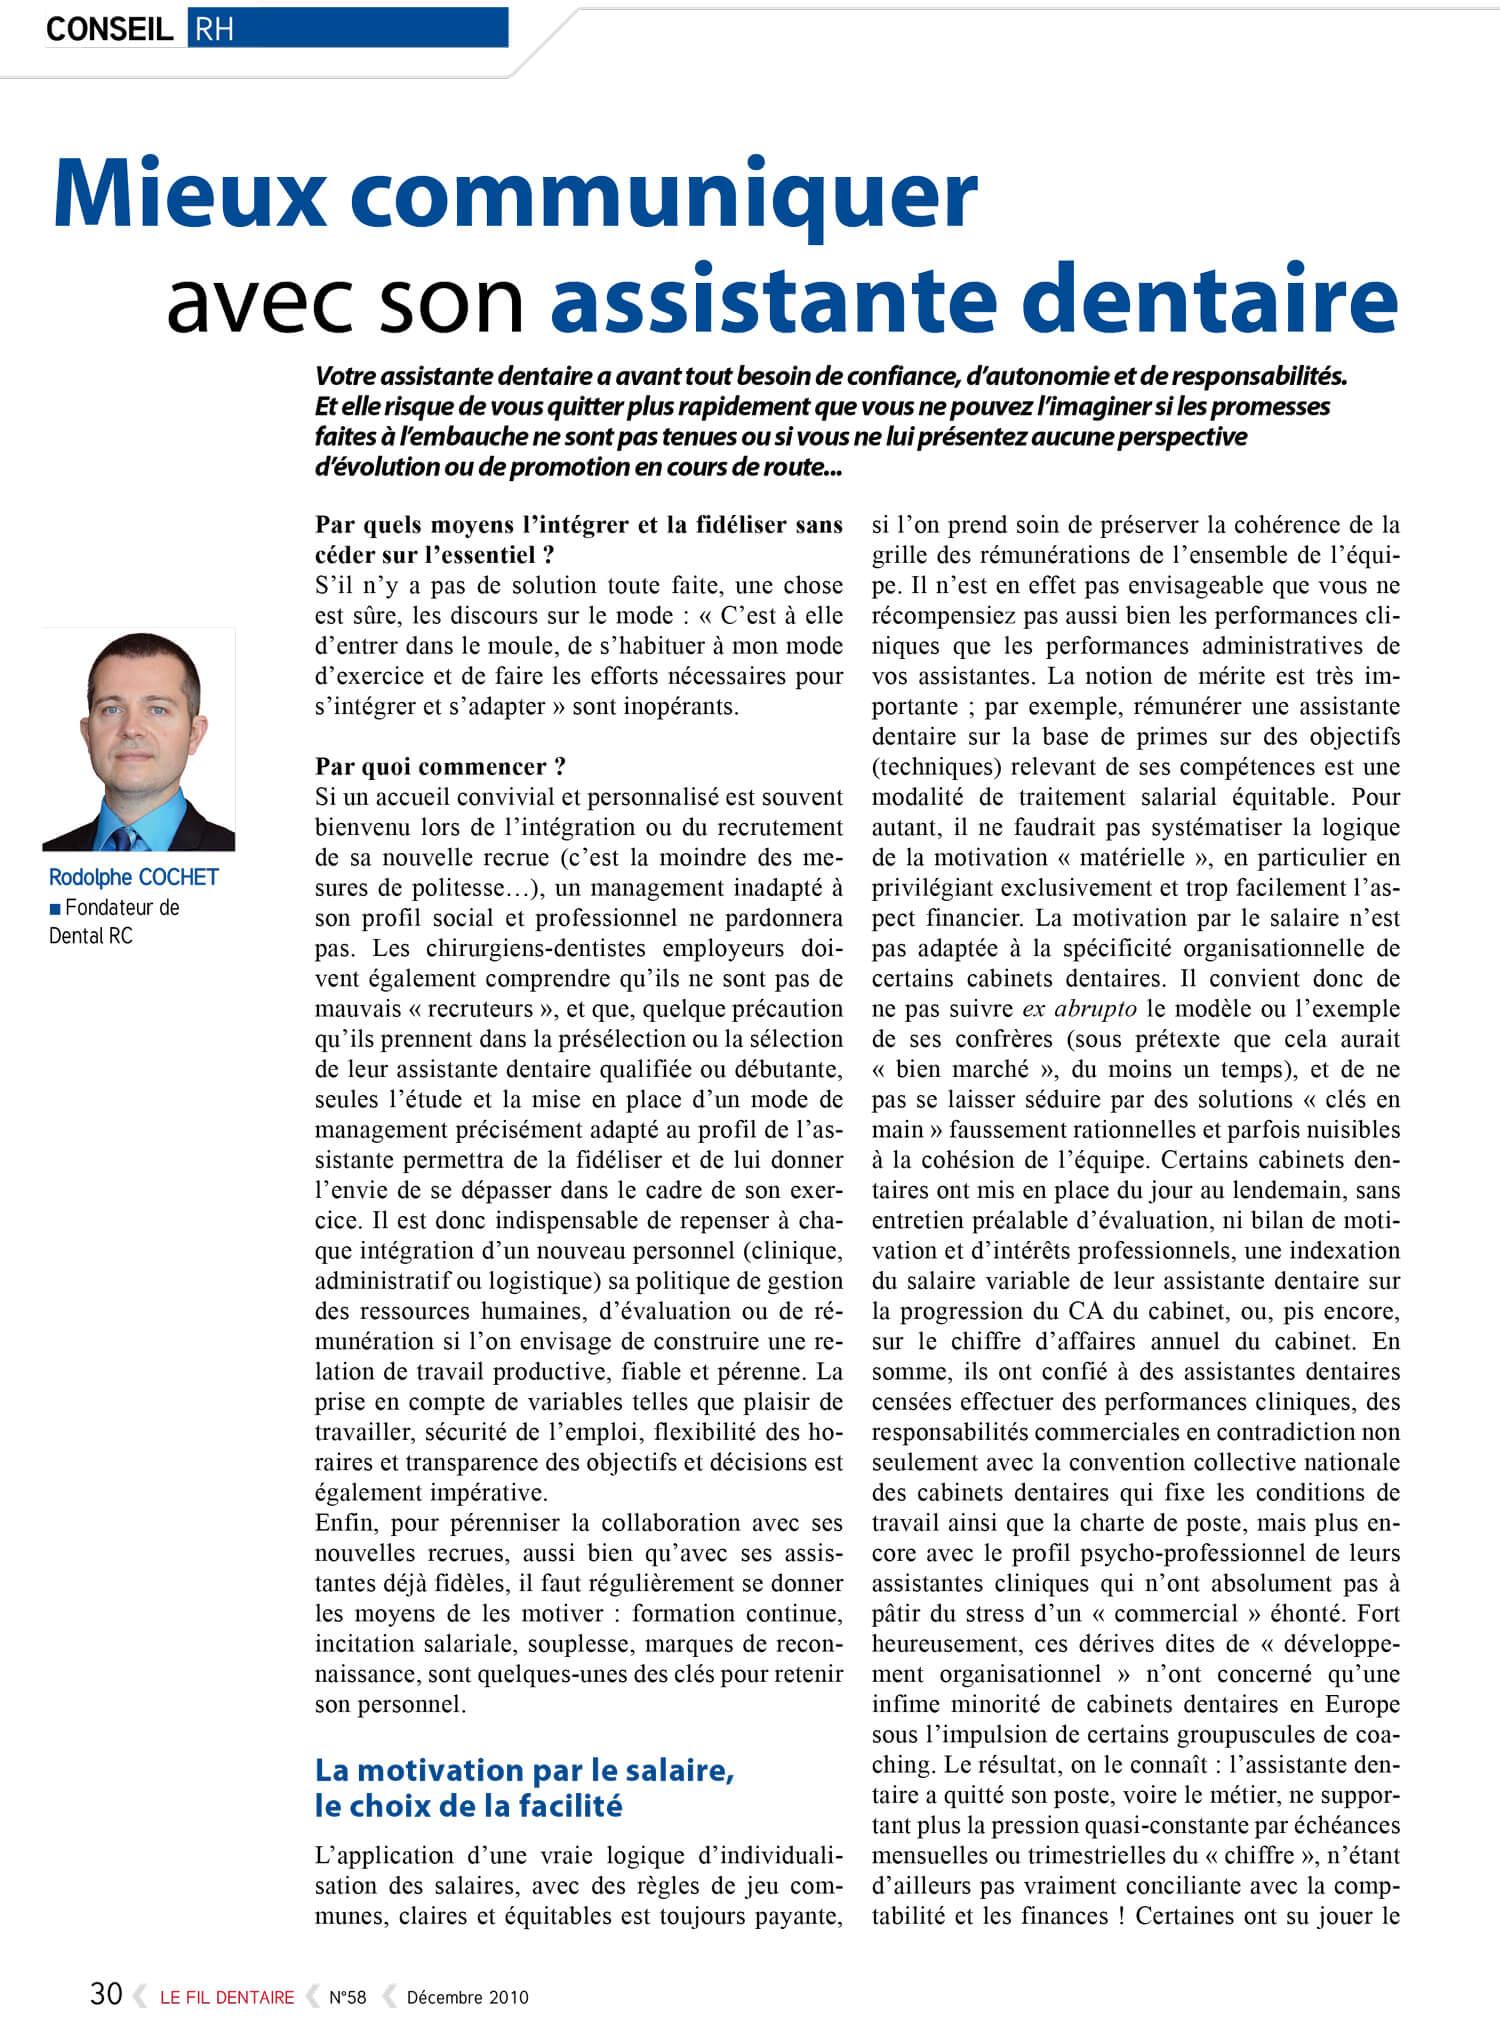 communiquer-communication-assistante-dentaire-cabinet-rodolphe-cochet-management.jpg